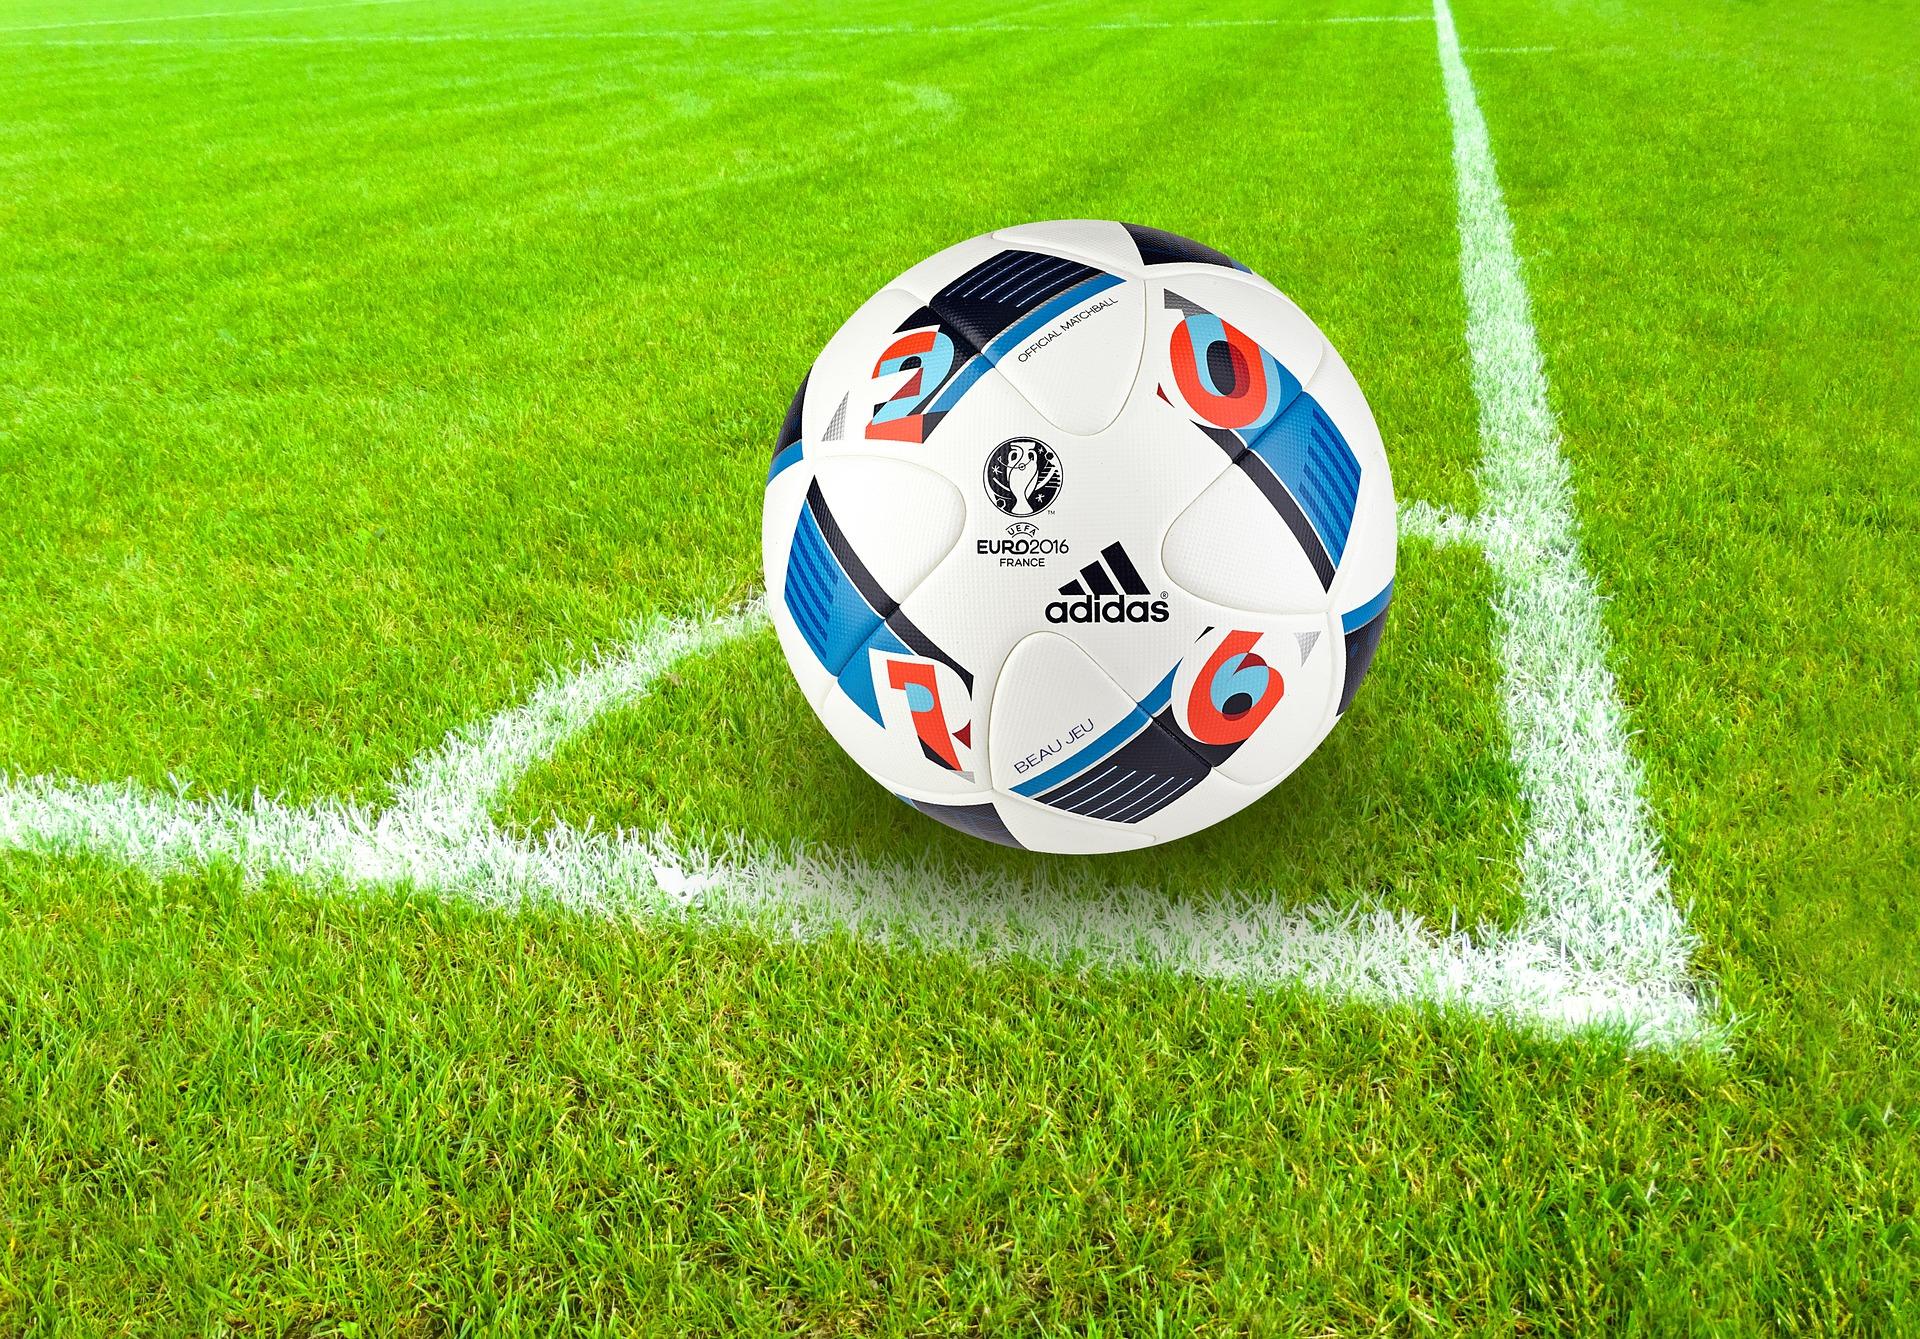 Ballon de l'euro 2016 sur un coin de terrain de football